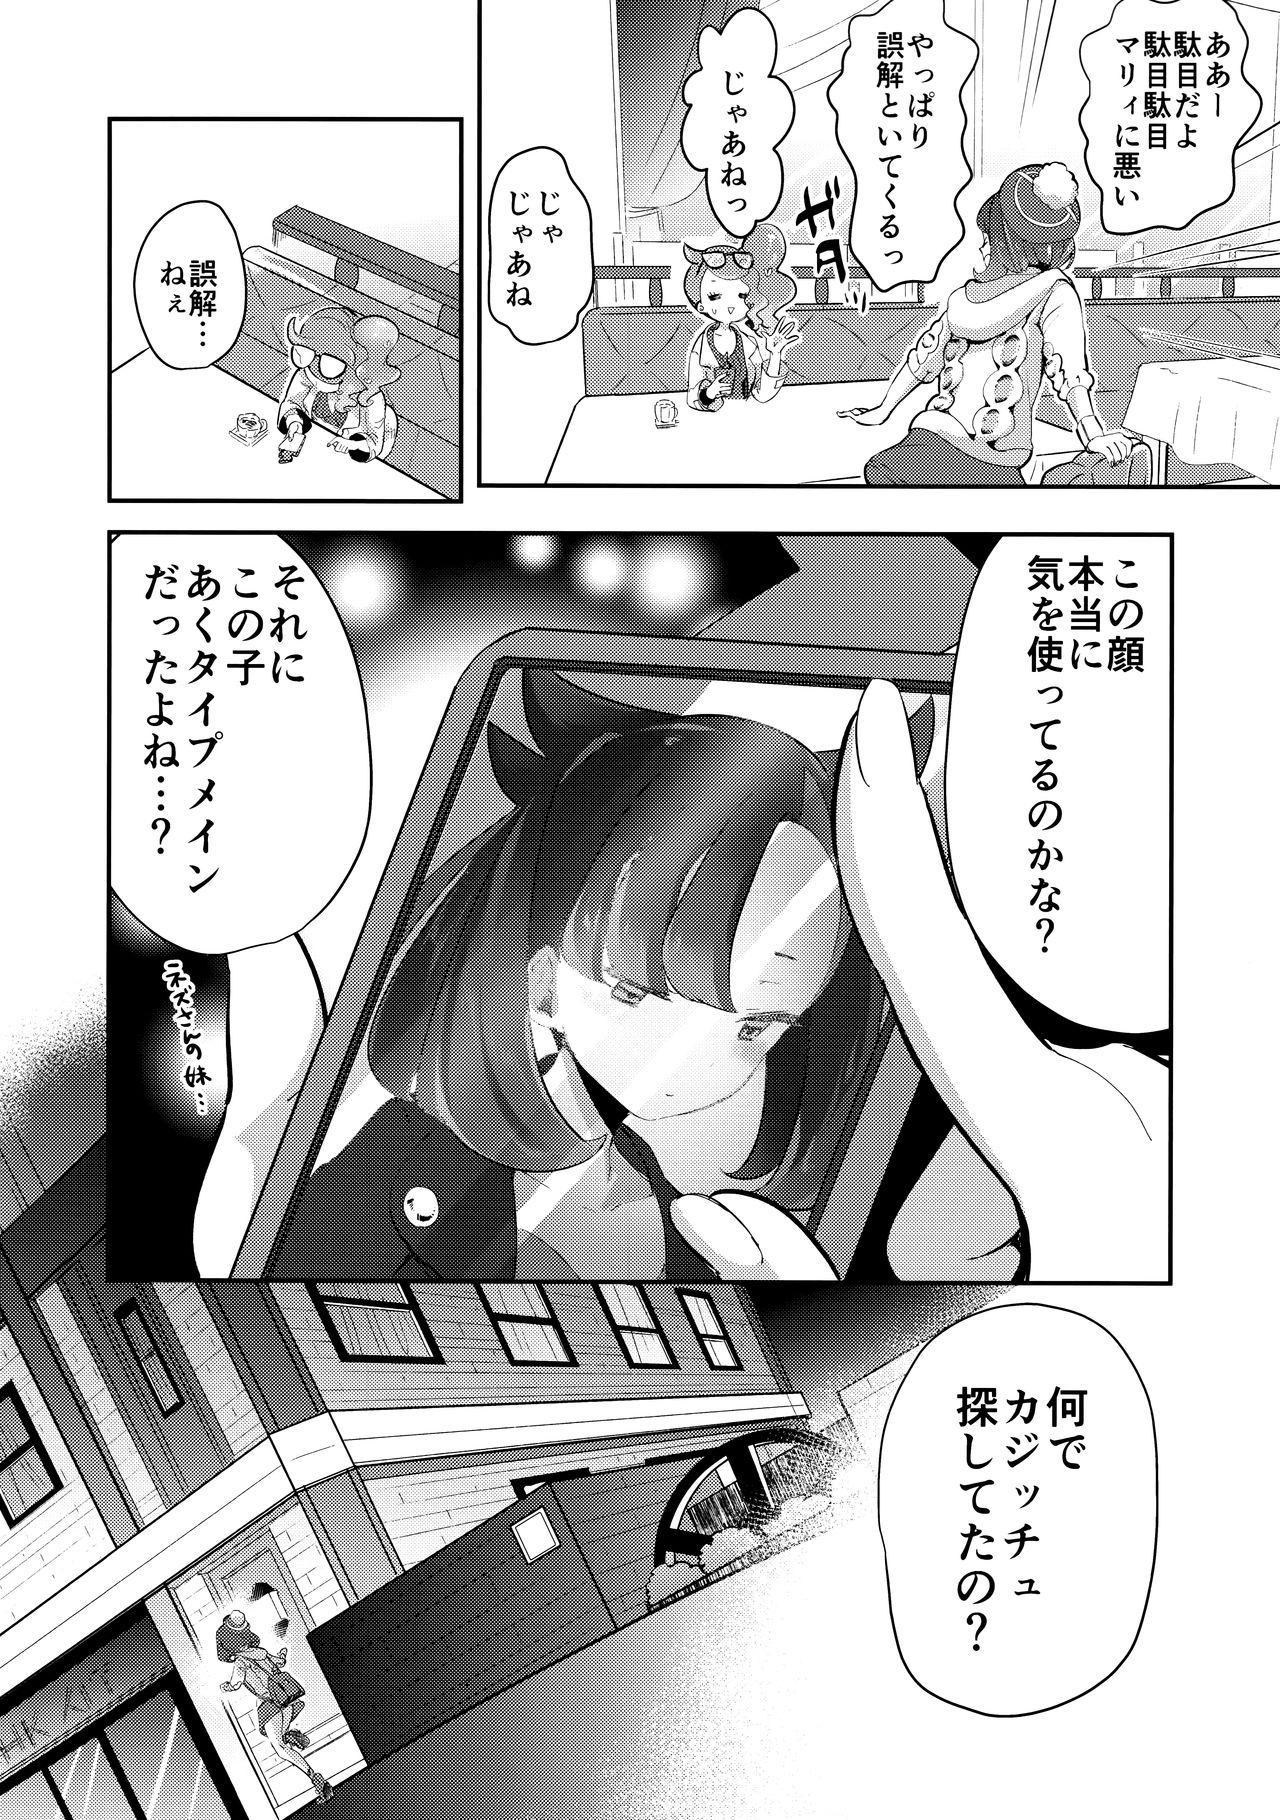 Yuuri wa Marnie ni Suppai Ringo o Hitotsu Agemashita. 7